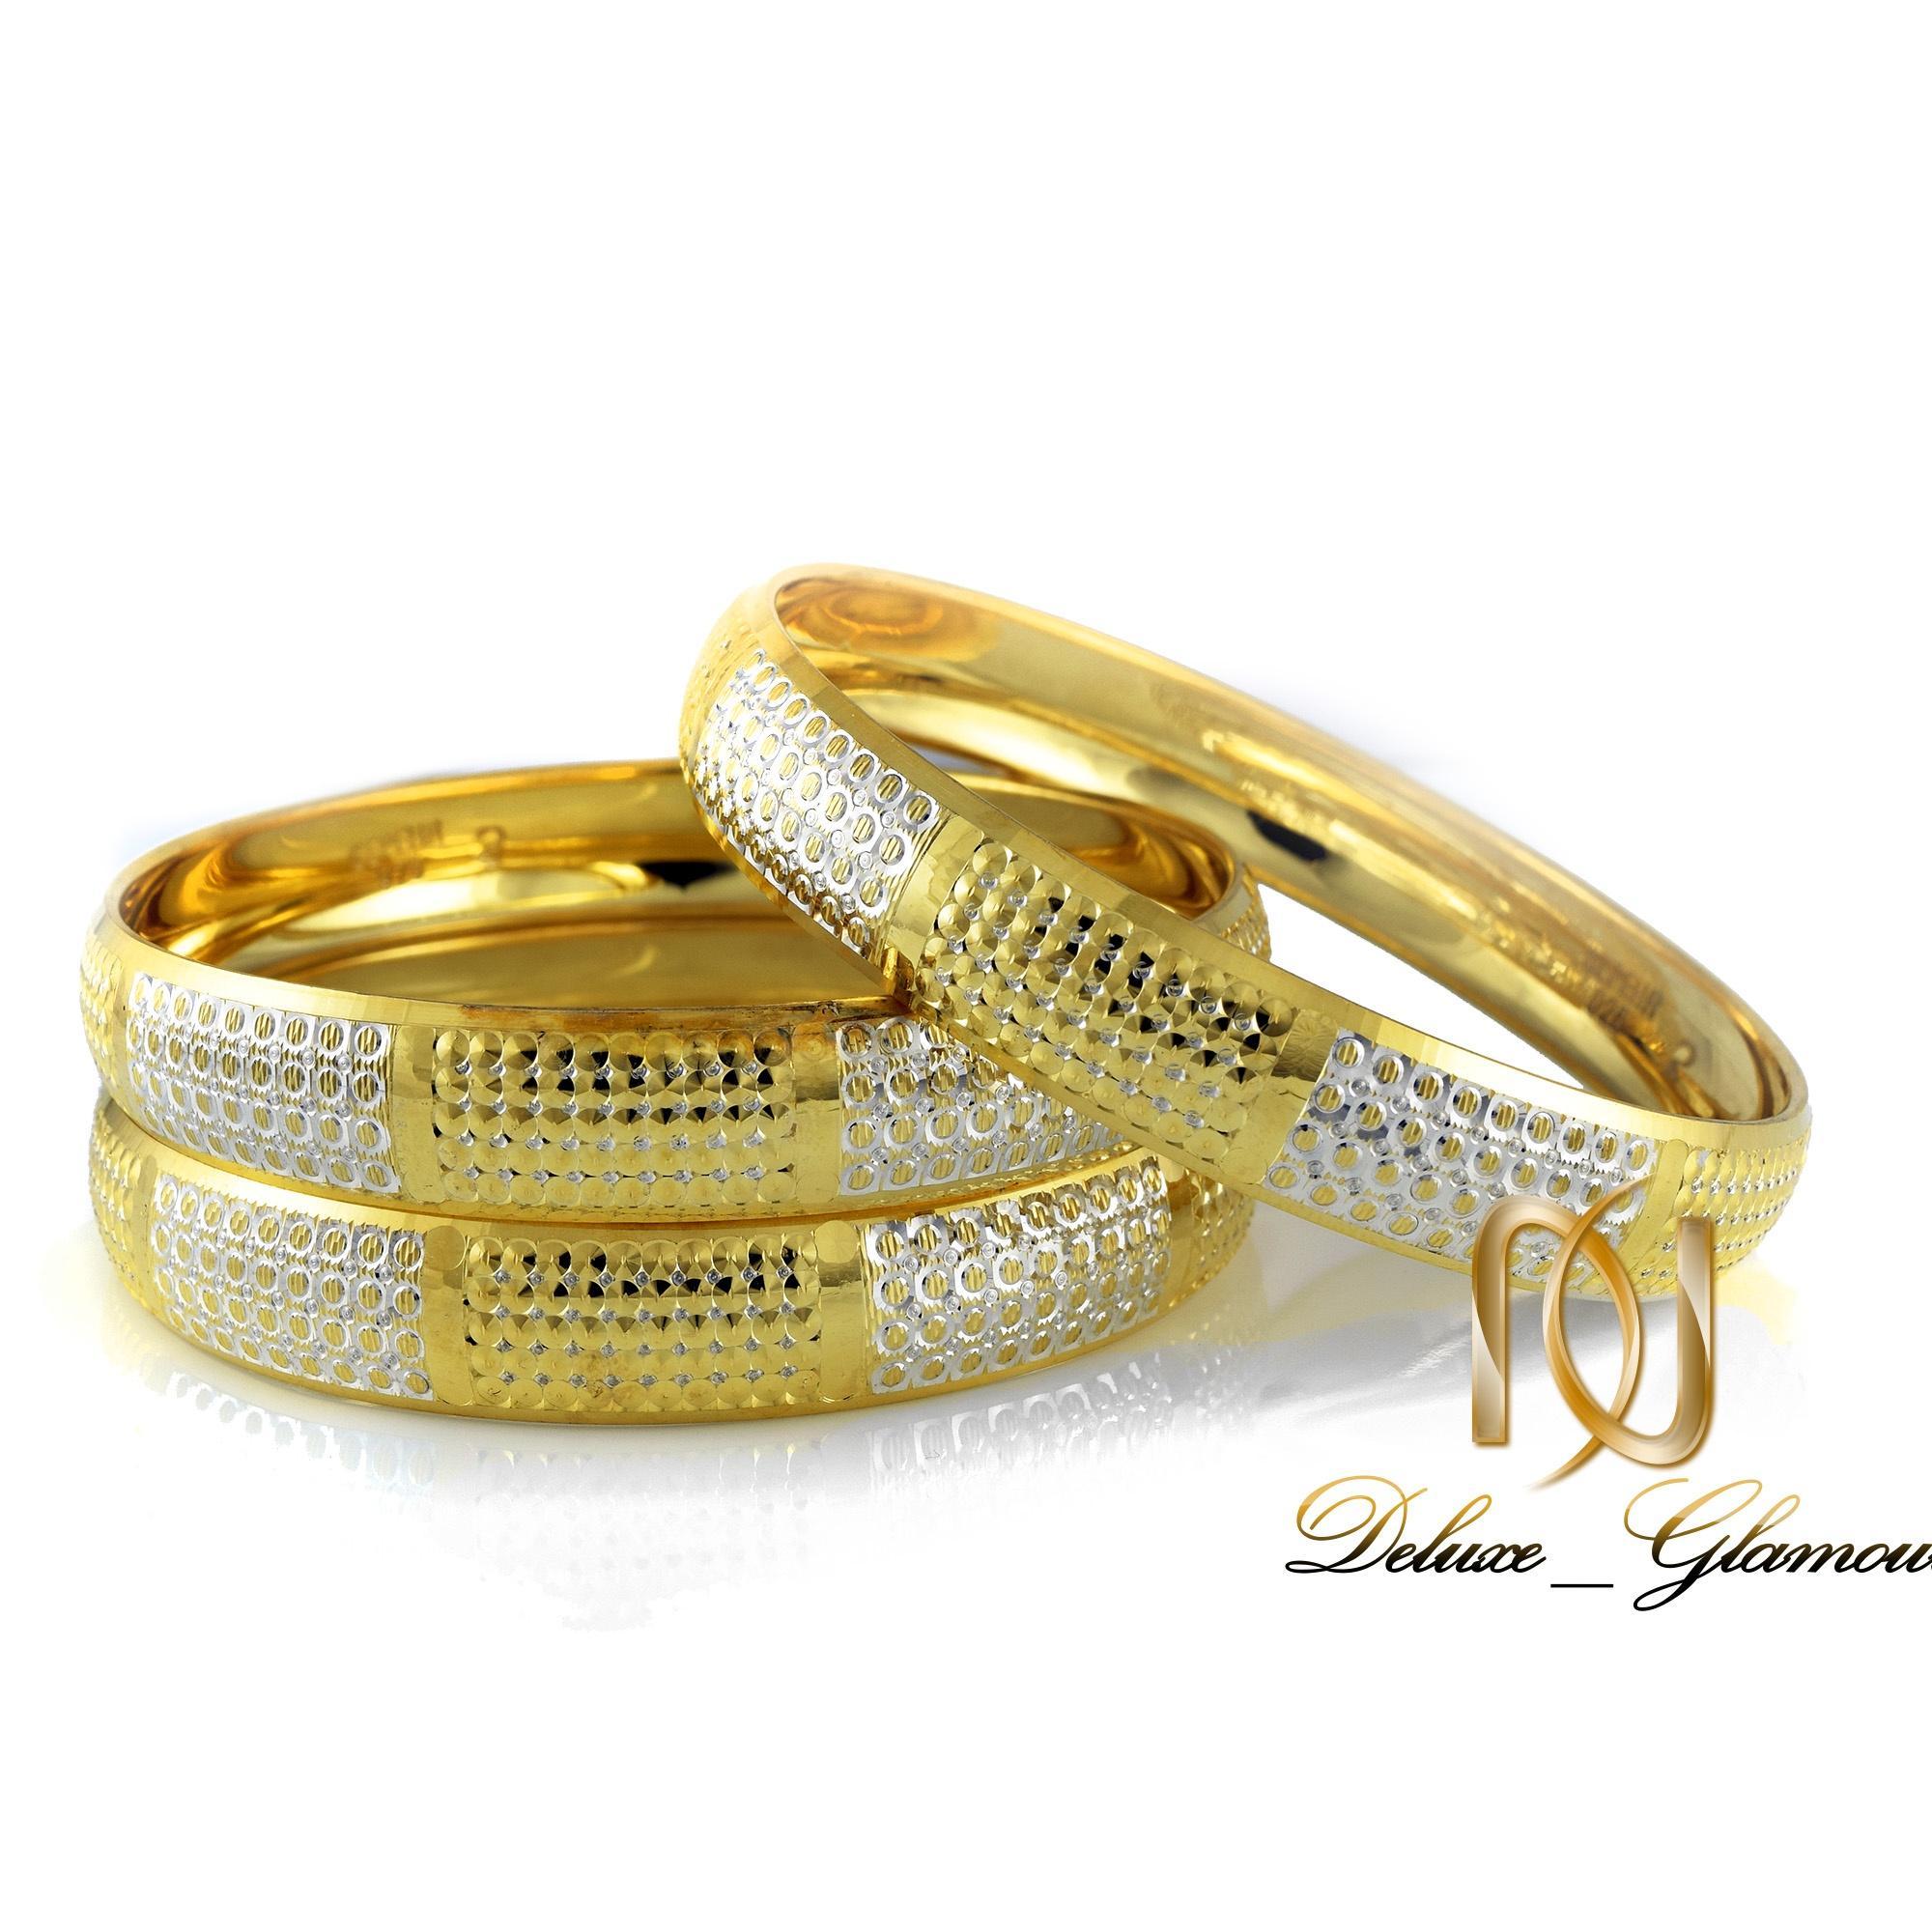 النگو نقره زنانه دو رنگ طرح طلا al-n106 از نمای سفید